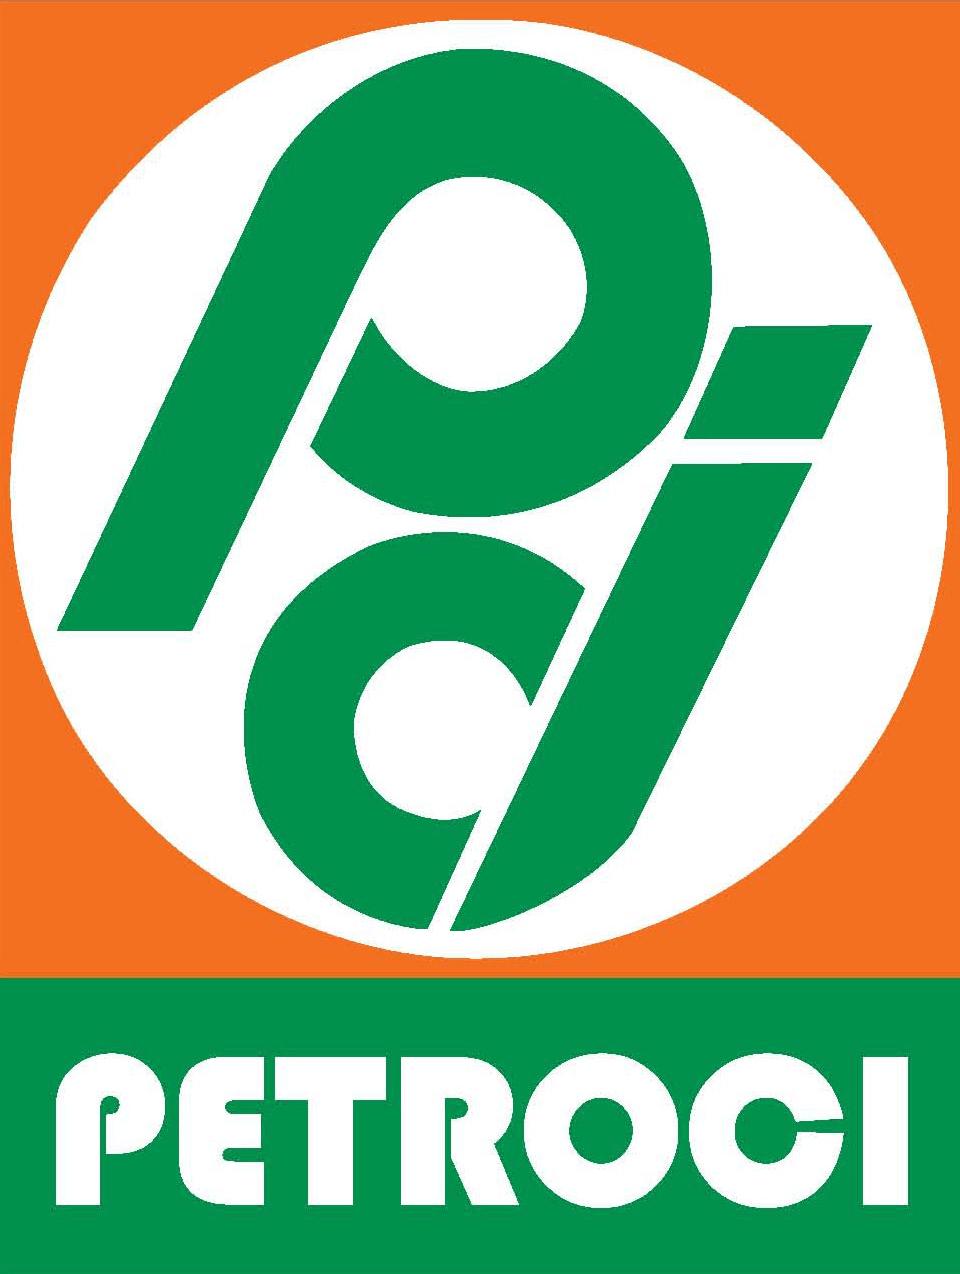 Petroci